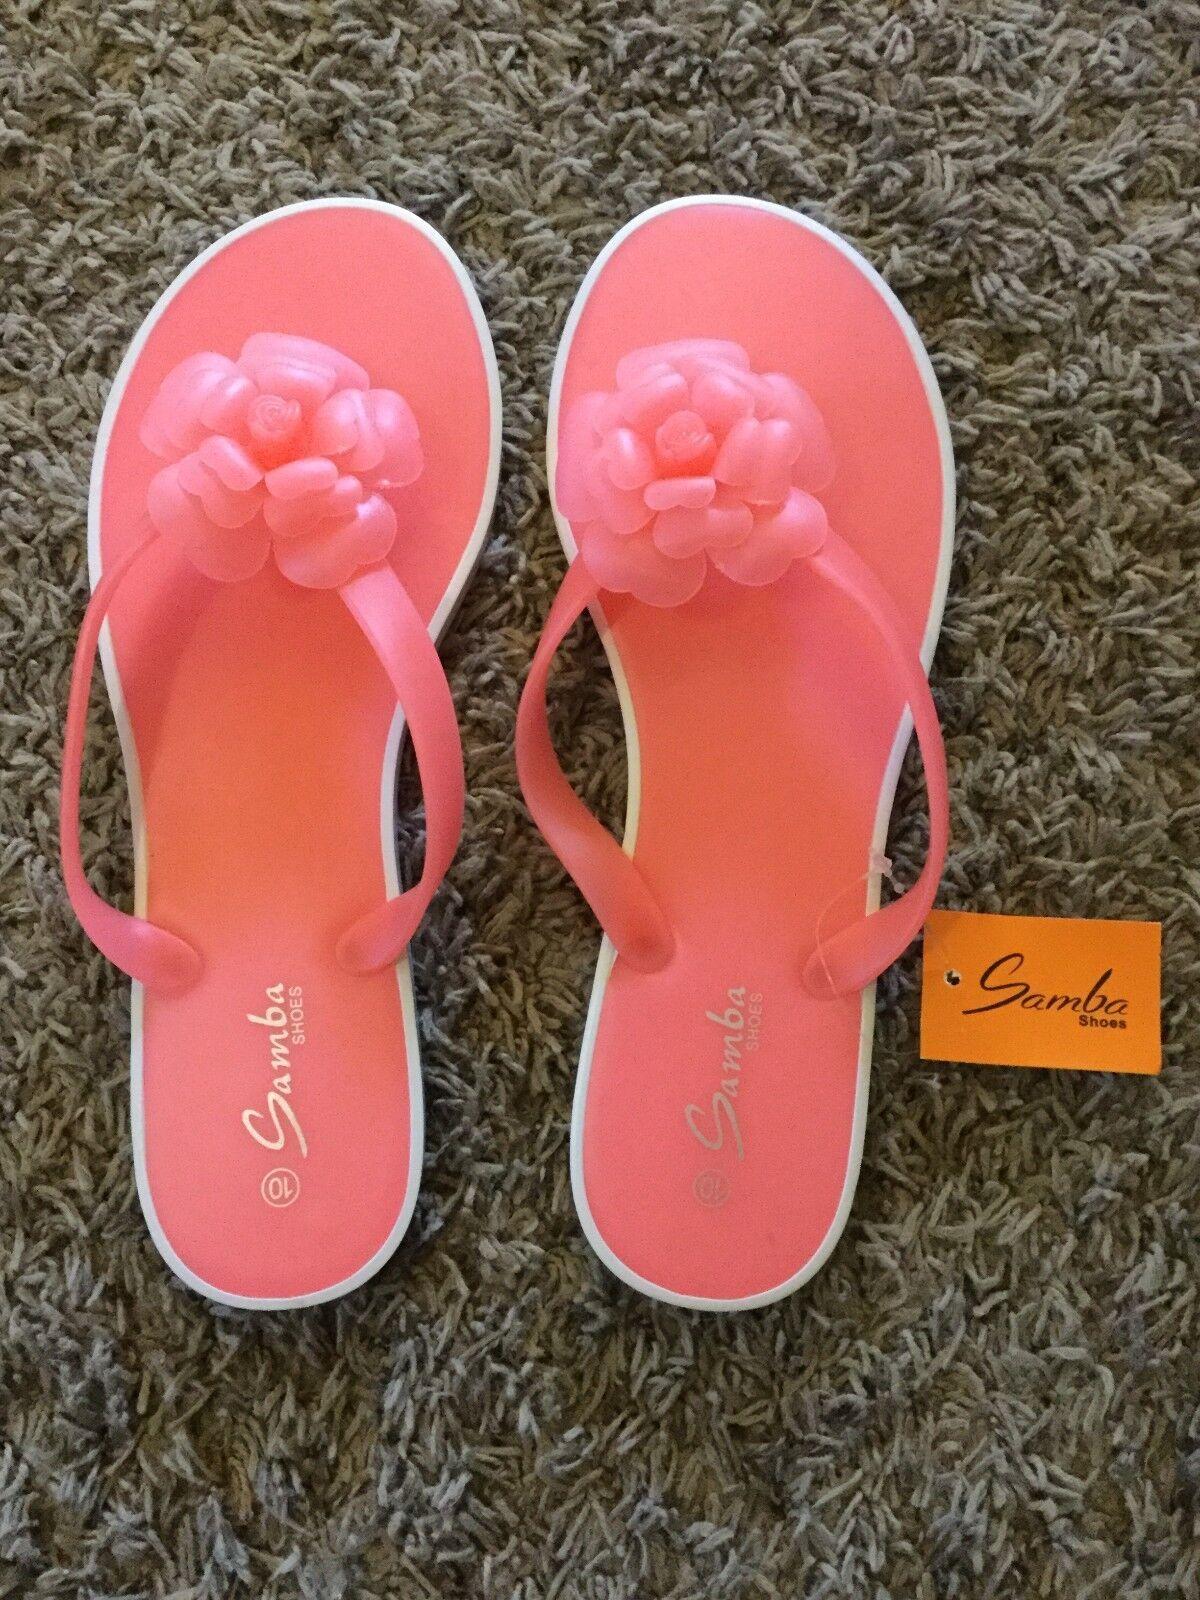 Samba Shoes - Flip Flops Size 10 - Shoes Coral Color c0d104